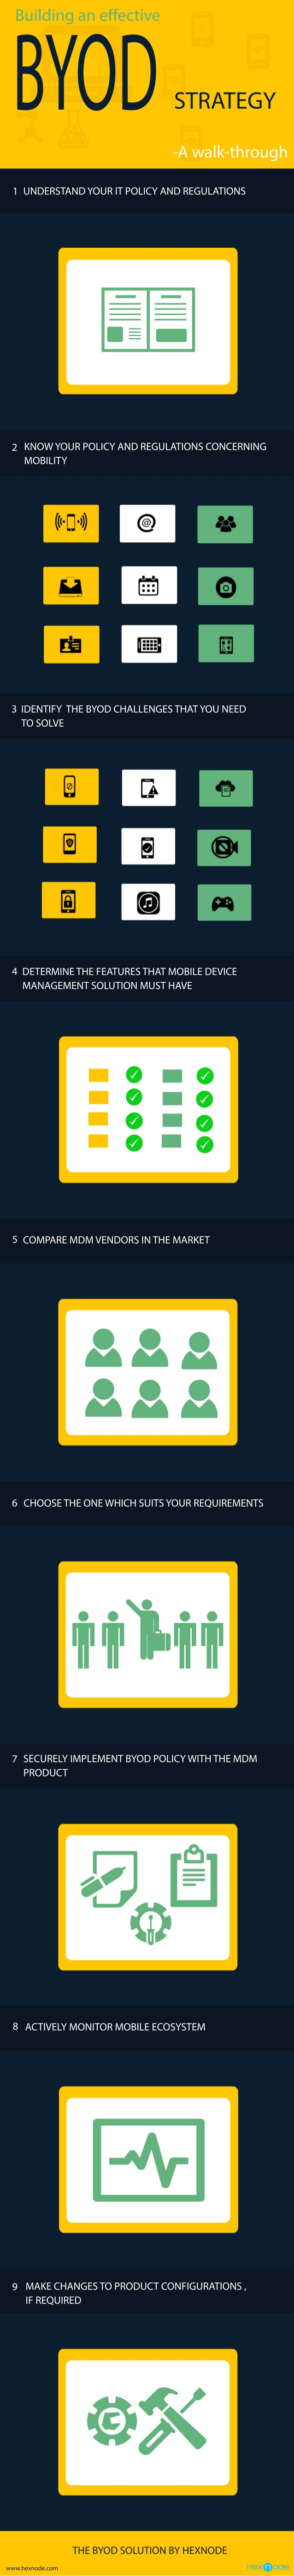 Construyendo una estrategia efectiva de BYOD